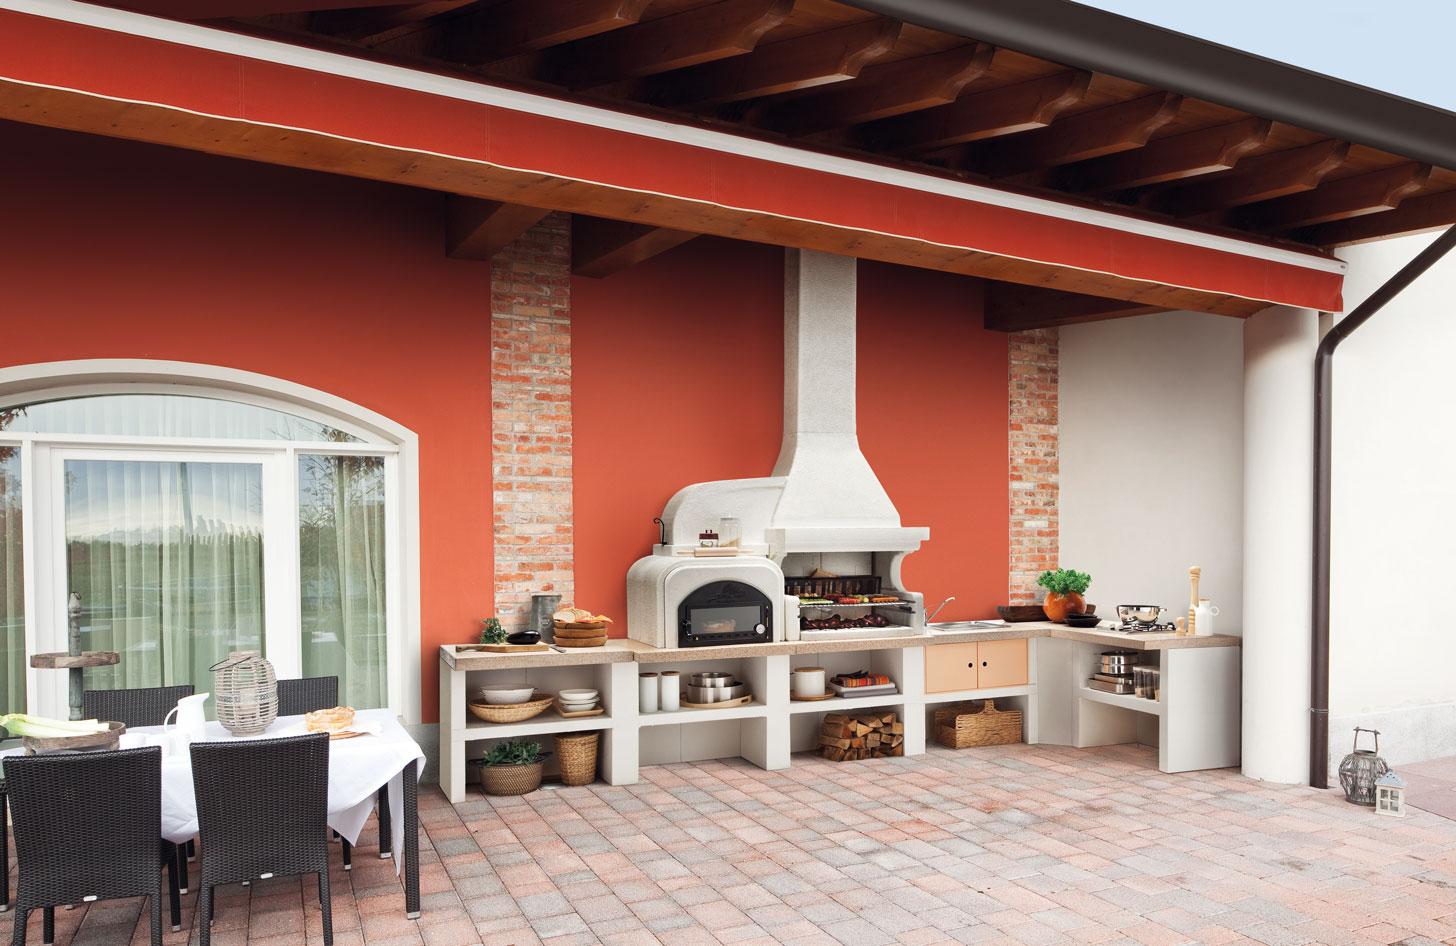 Cucine da esterno piani cottura barbecue e arredi per for Piccoli piani di un piano